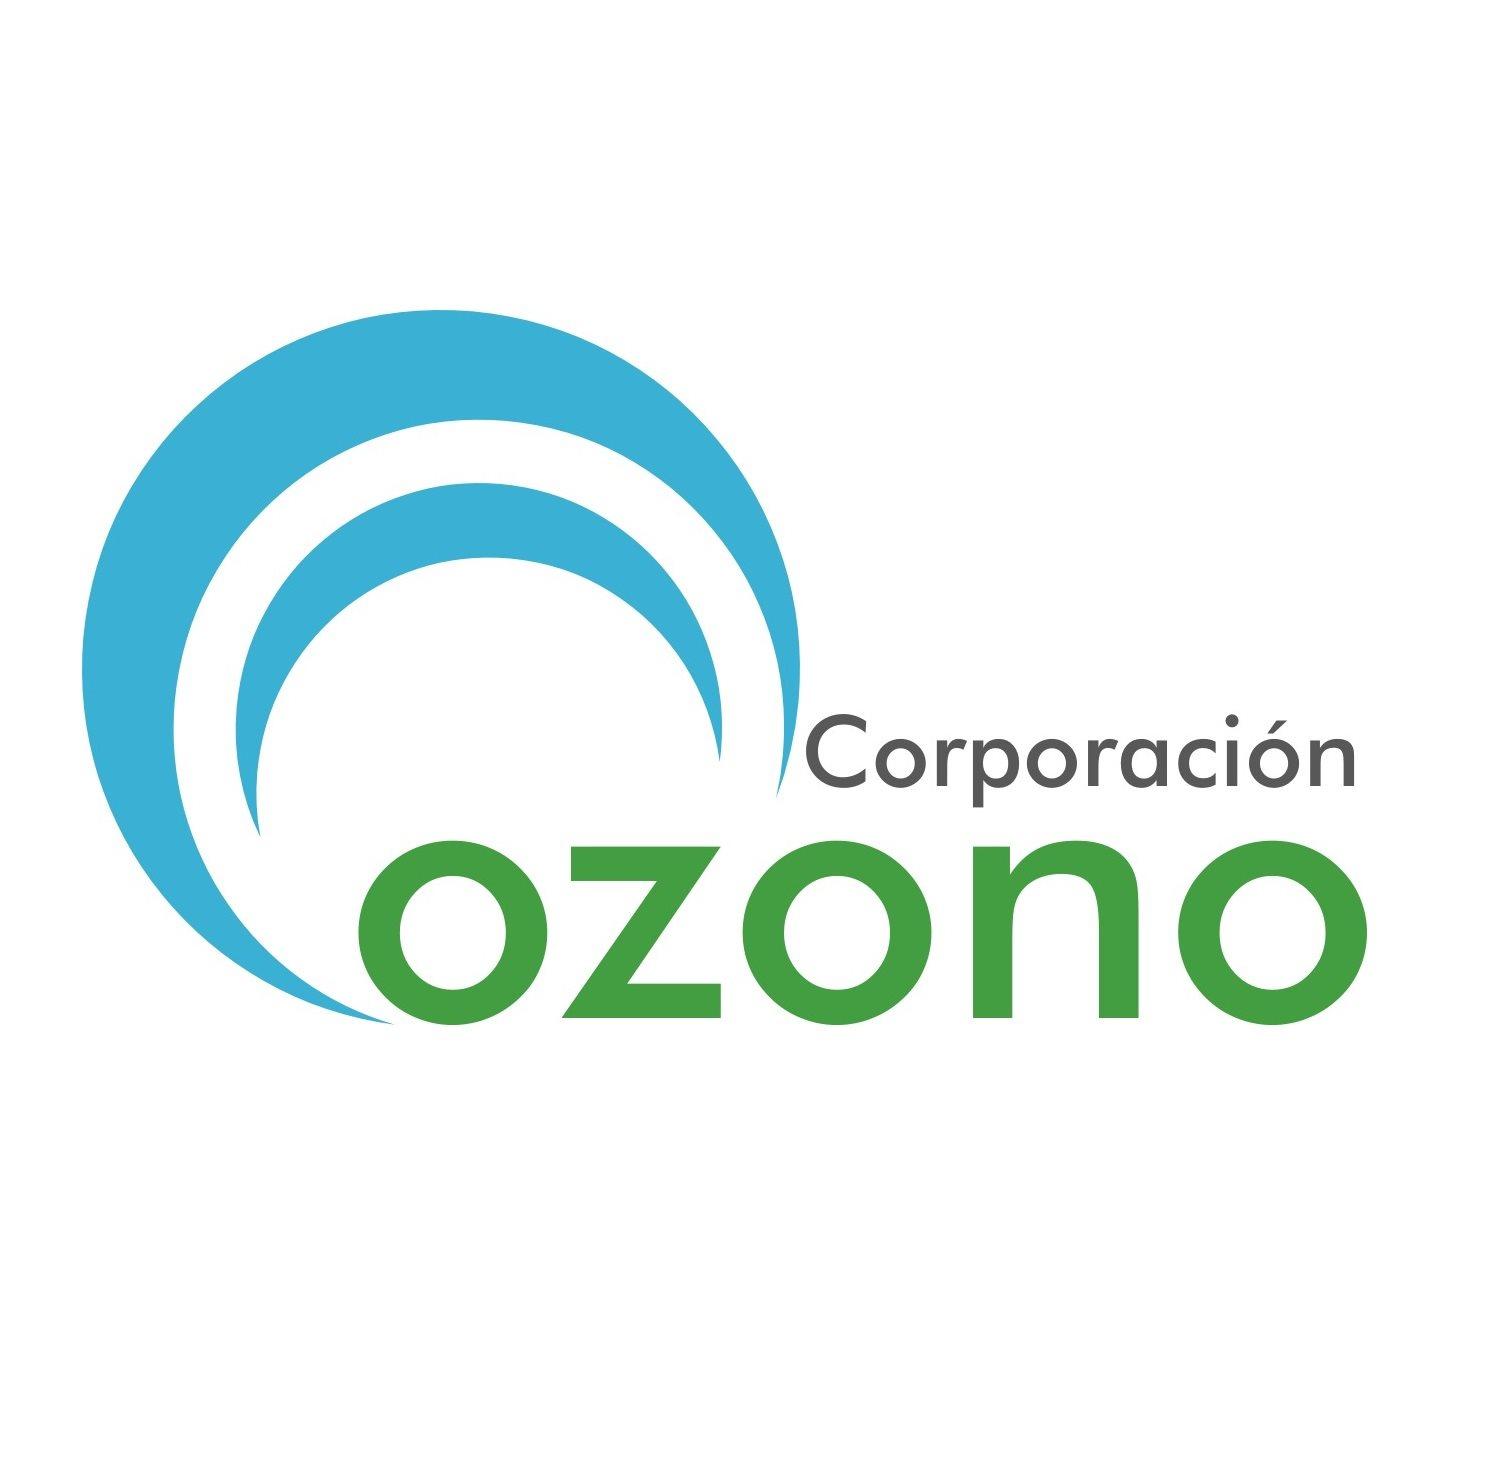 CORPORACIÓN OZONO